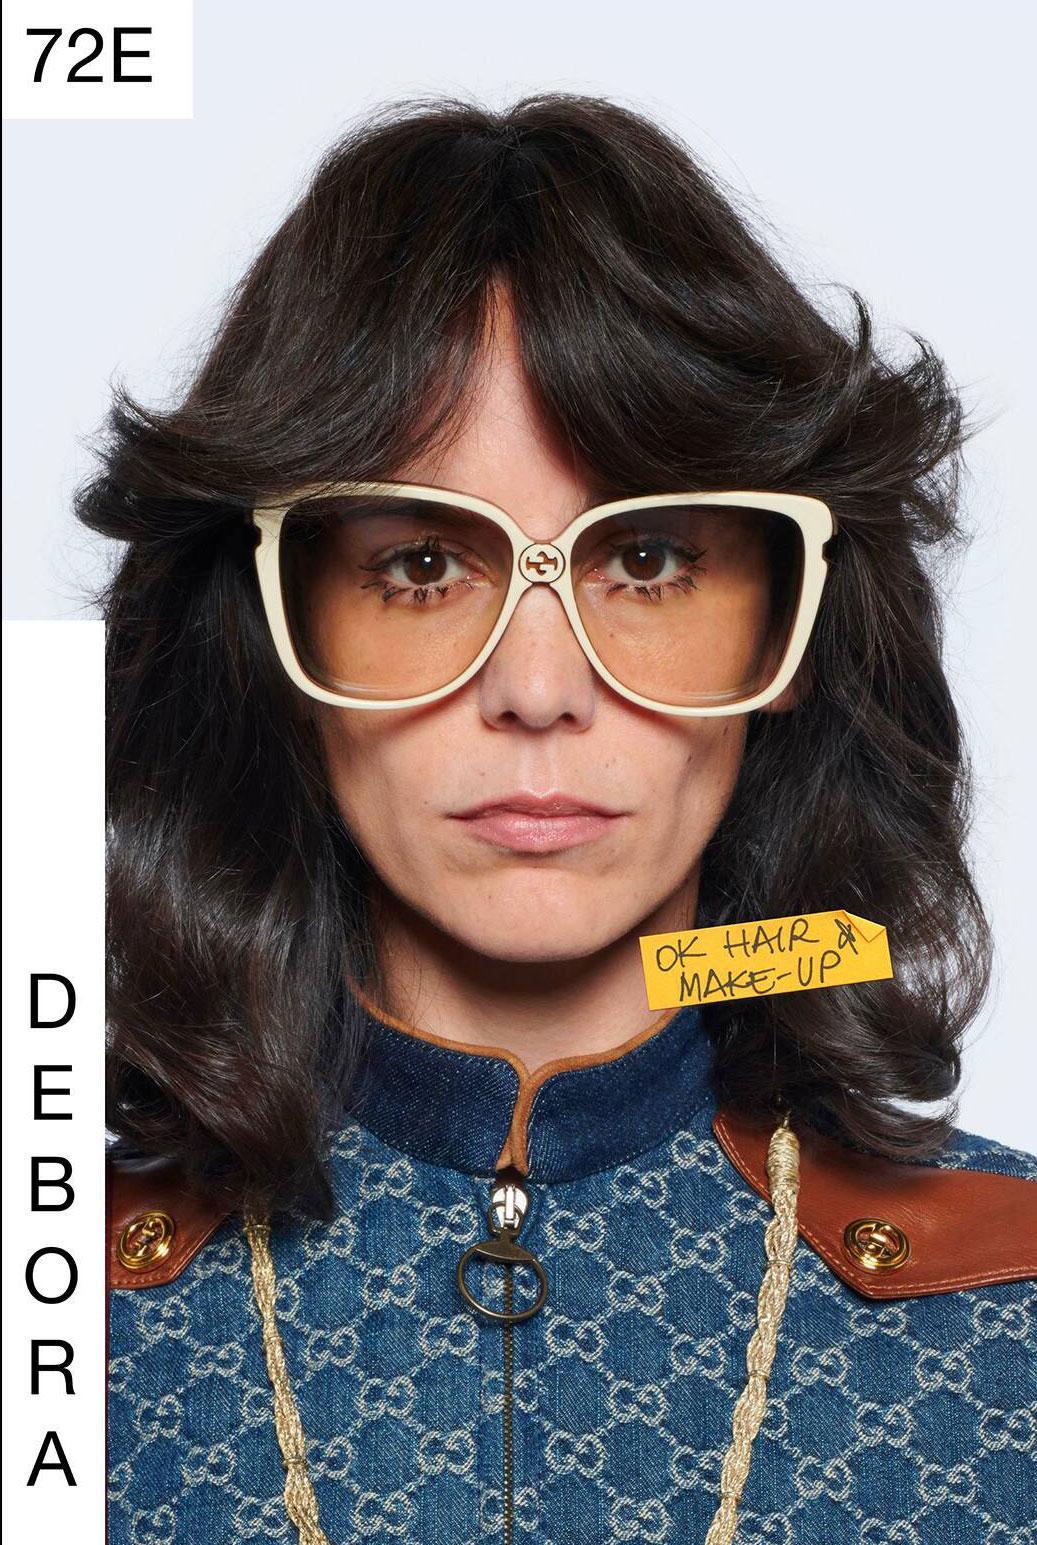 Gucci gick all in på 1970-tal med snygga gardinluggar i sin vårkollektion för 2021.